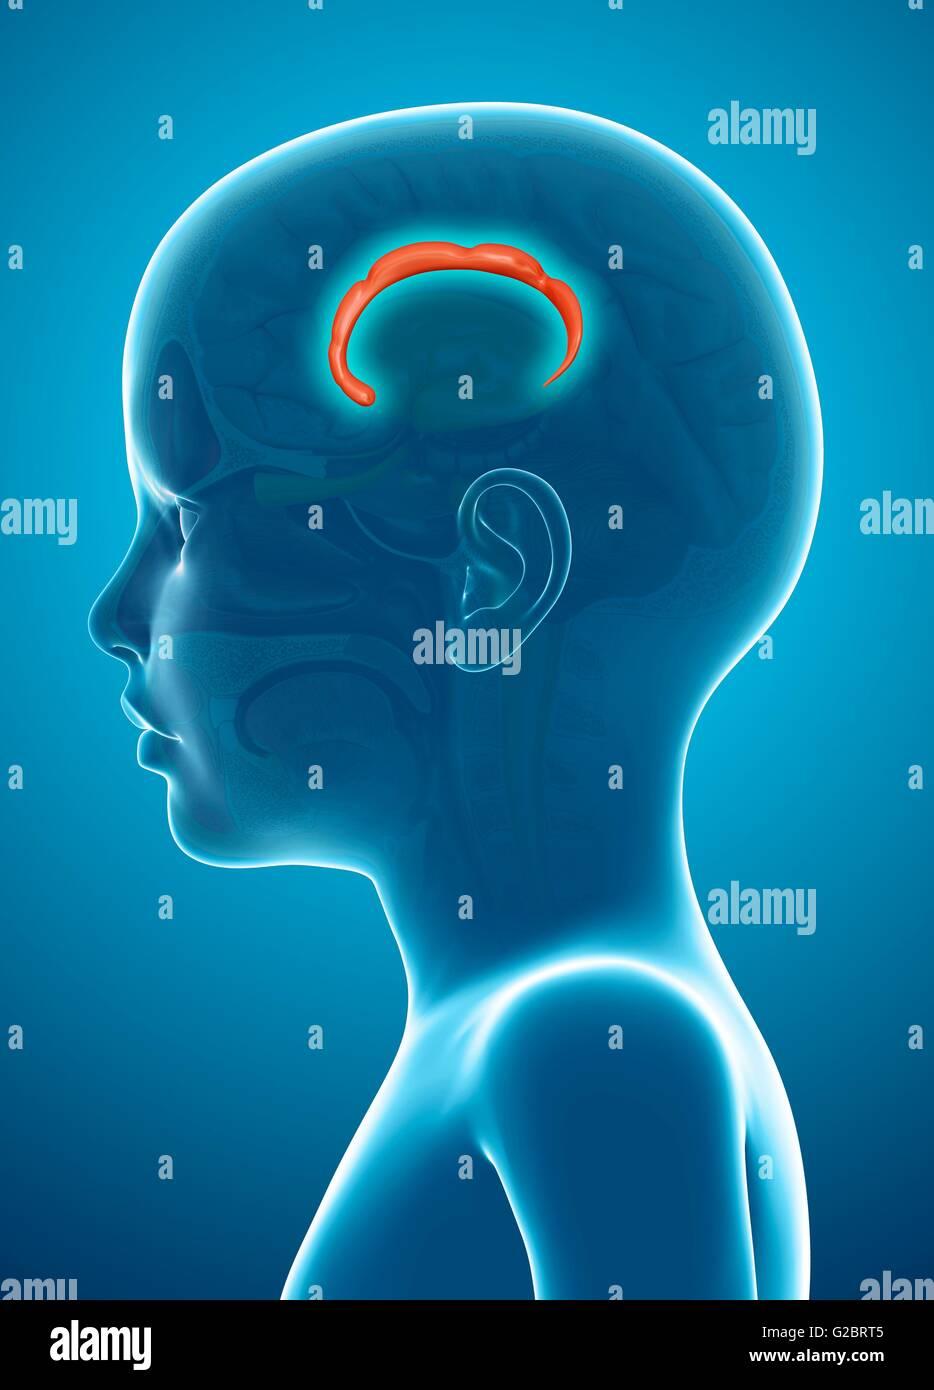 Cerebro Humano corteza cingulada girus (flecha), la ilustración. Imagen De Stock